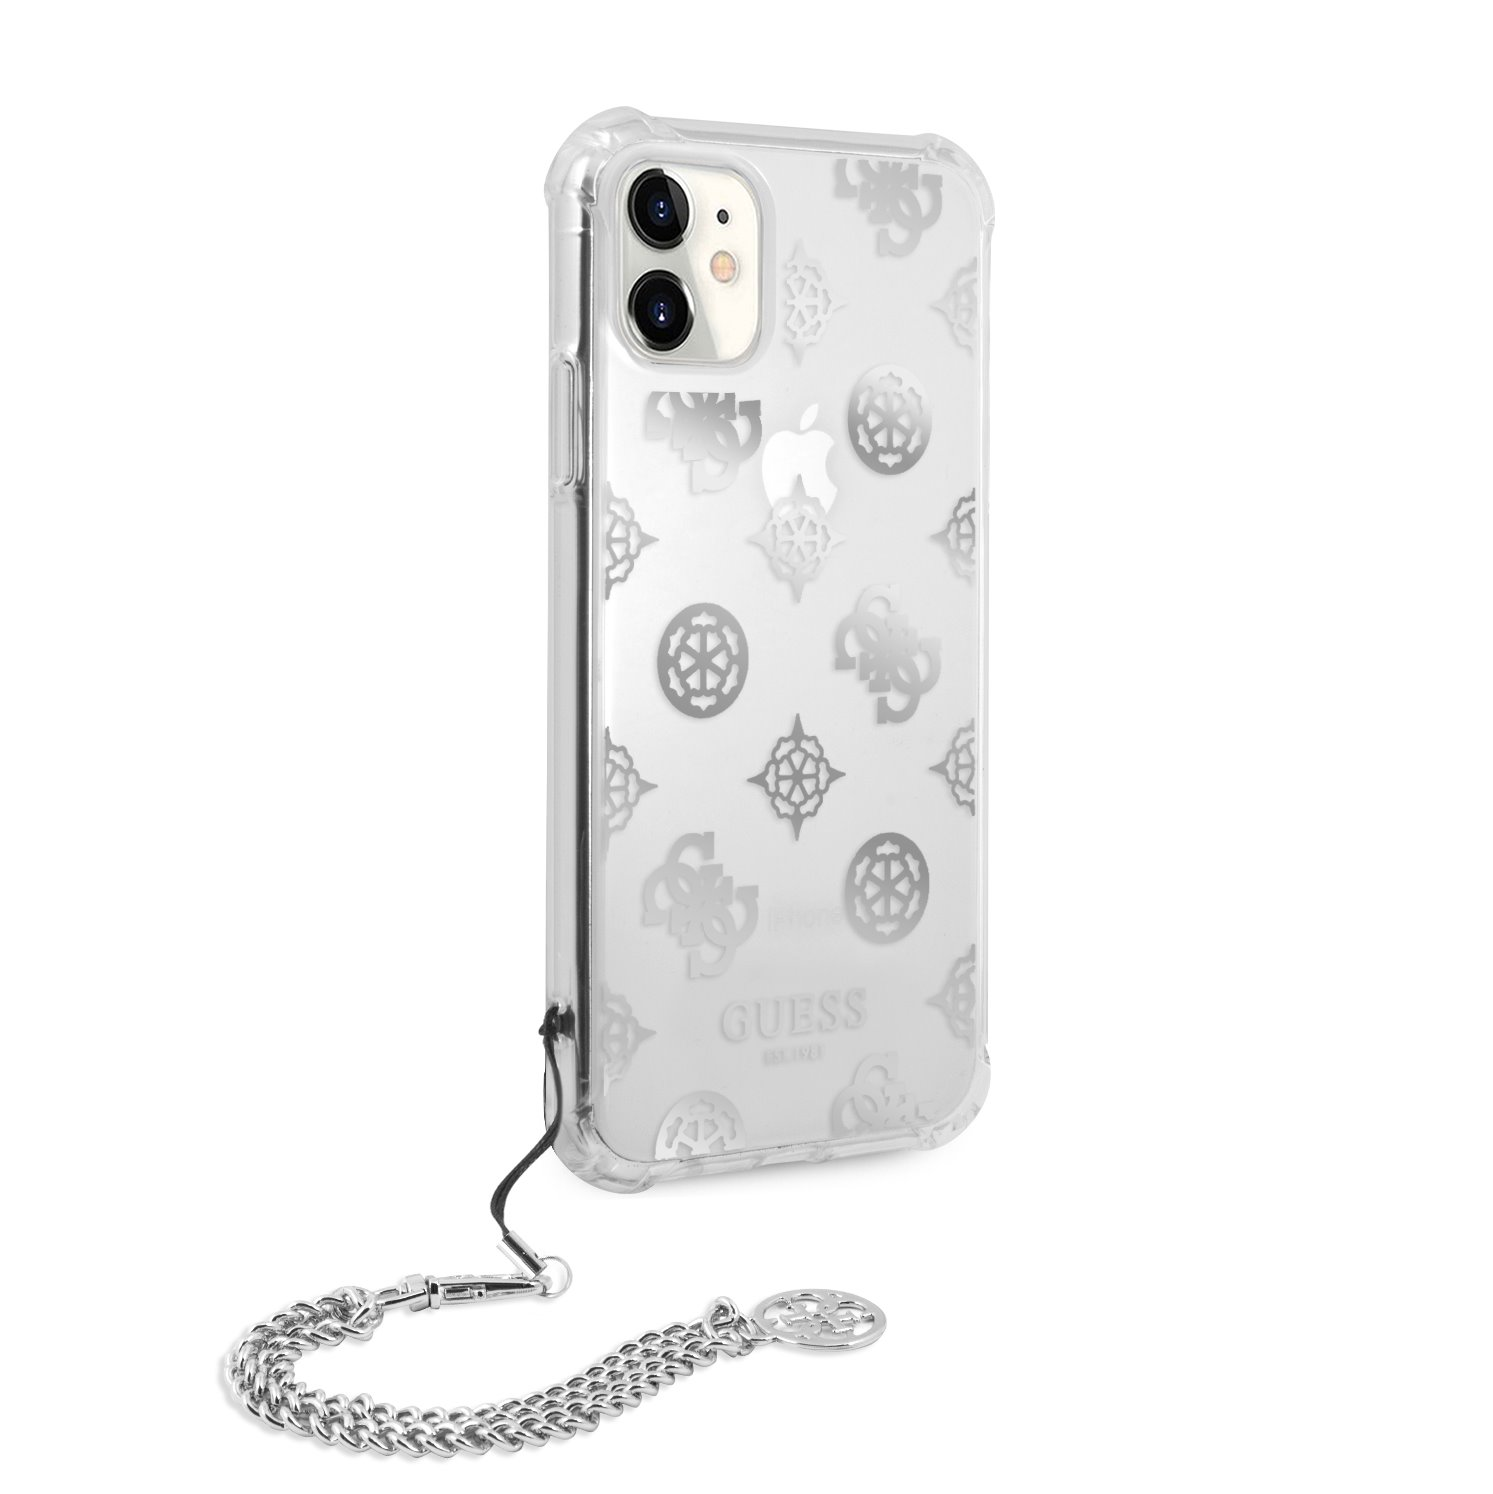 Zadní kryt GUHCN61KSPESI Guess PC Chain Peony pro iPhone 11, stříbrná